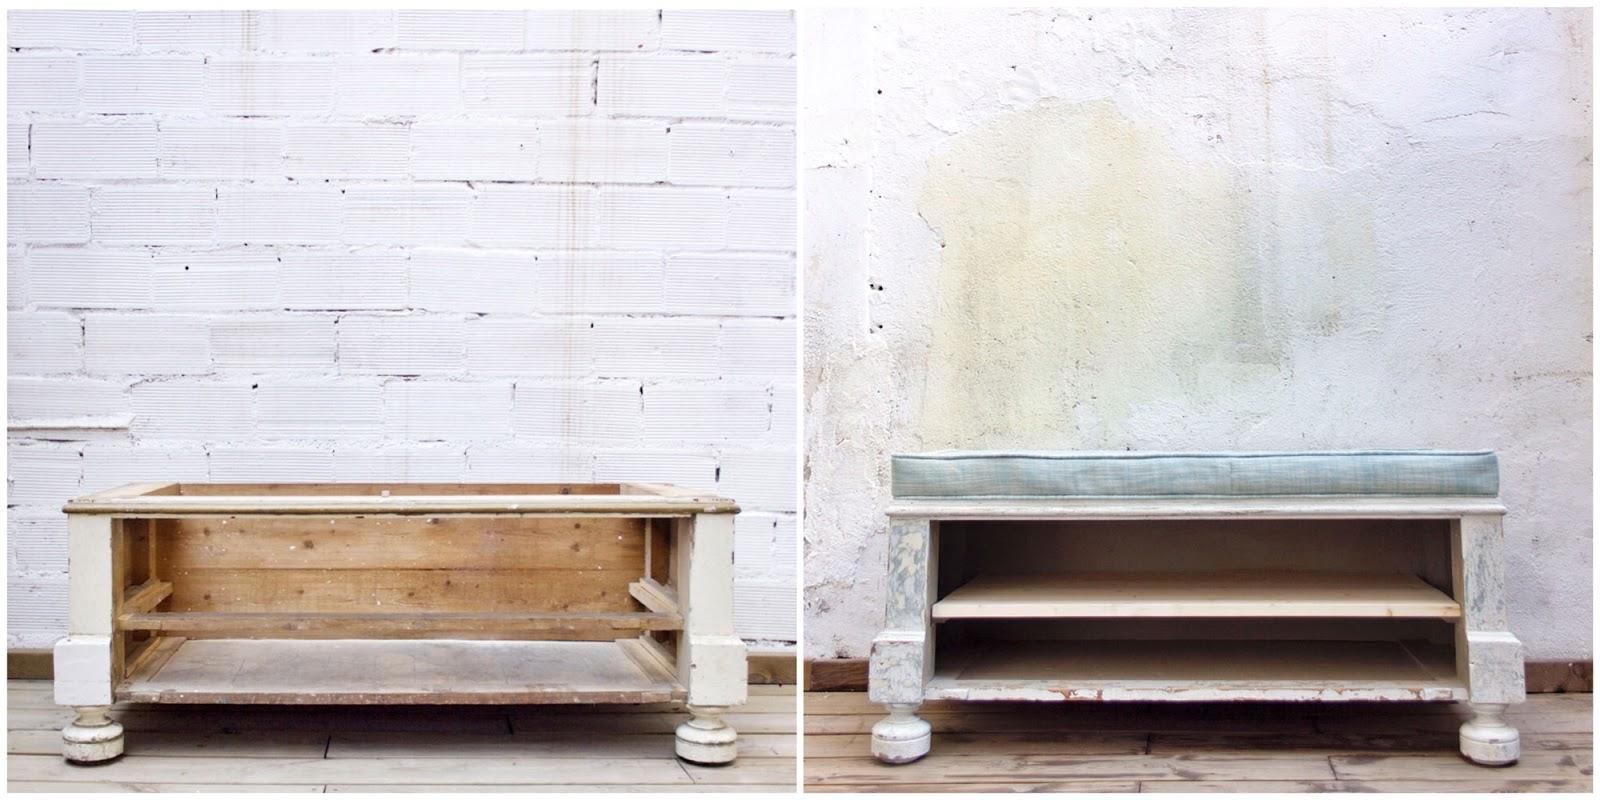 Antes y Después - Parte inferior de un armario transformada en banco